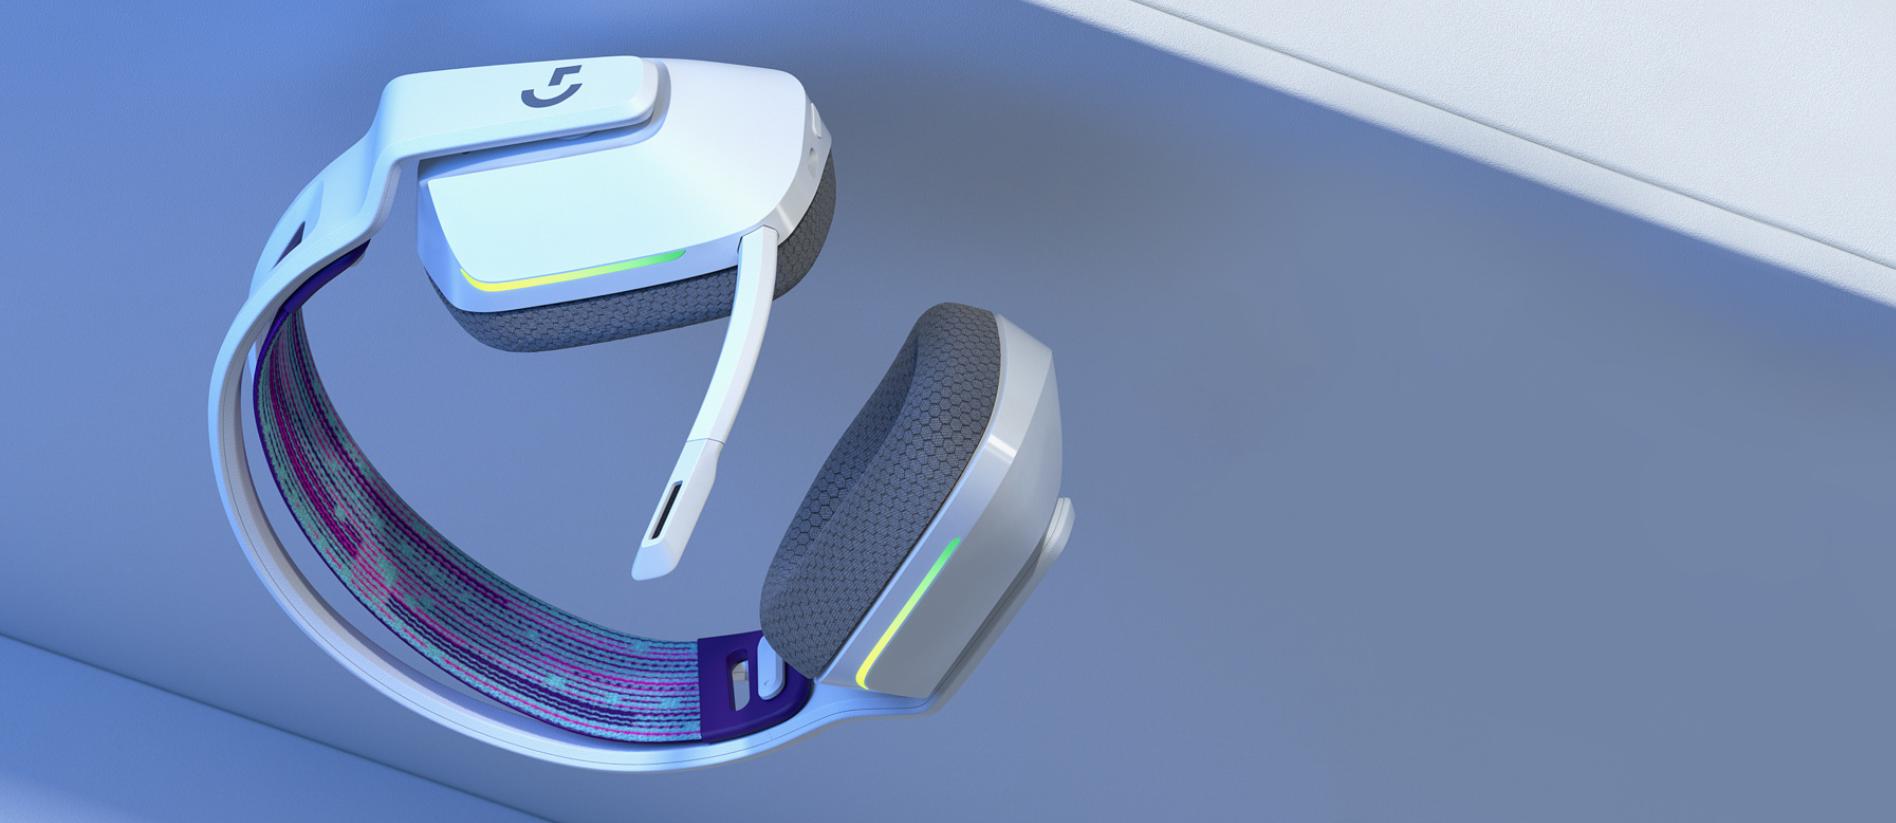 Tai nghe Gaming Logitech LIGHTSPEED G733 Wireless 7.1 RGB  có trọng lượng cực nhẹ